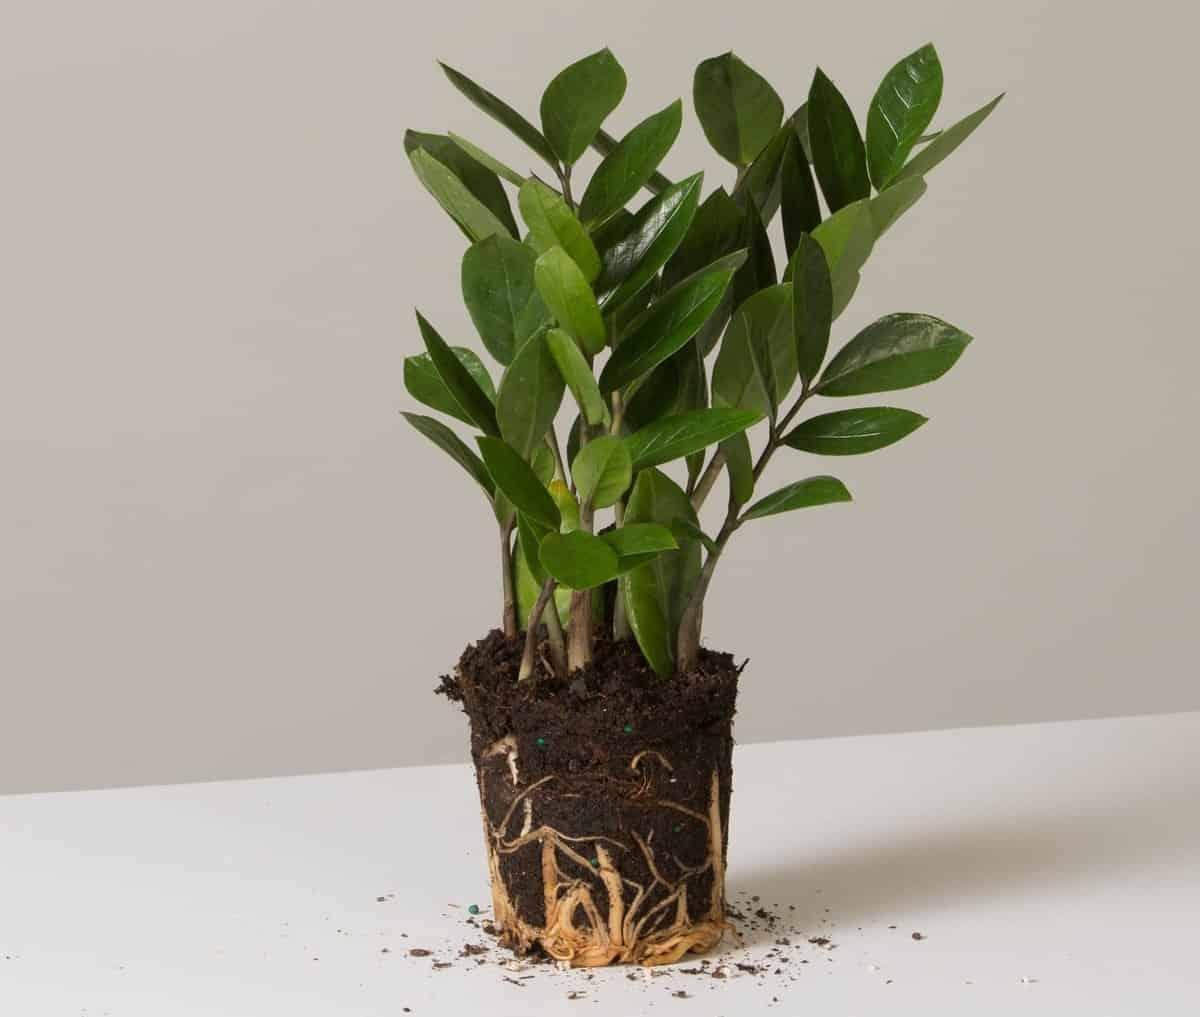 7 причин, почему у долларового дерева желтеют листья, что делать и как спасти замиокулькас